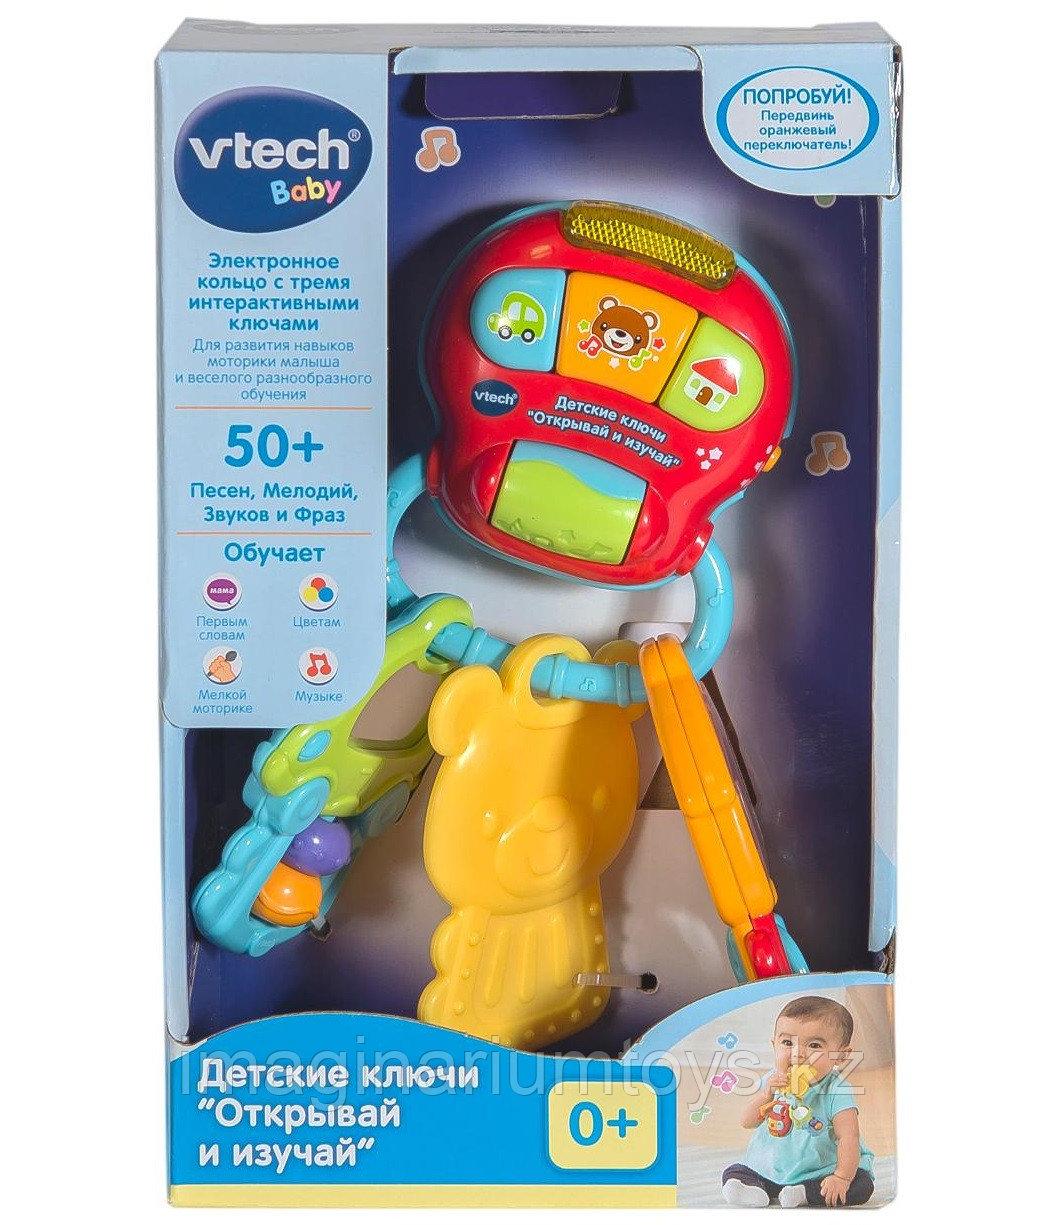 Развивающая игрушка для детей VTech «Детские ключи: открывай, играй и изучай»